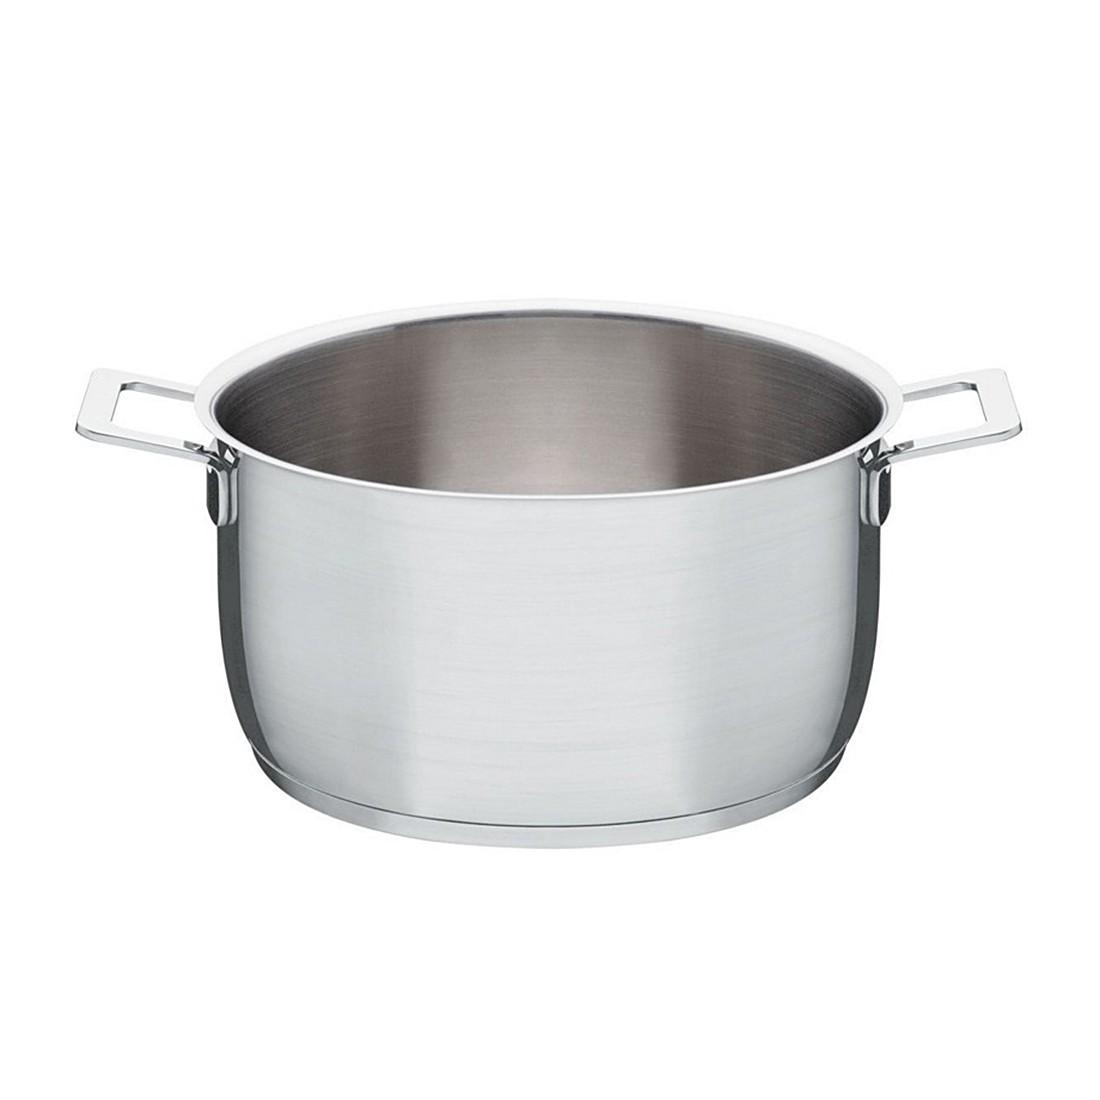 Kasserolle Pots & Pans – Ø 24cm/mattiert, Alessi günstig kaufen